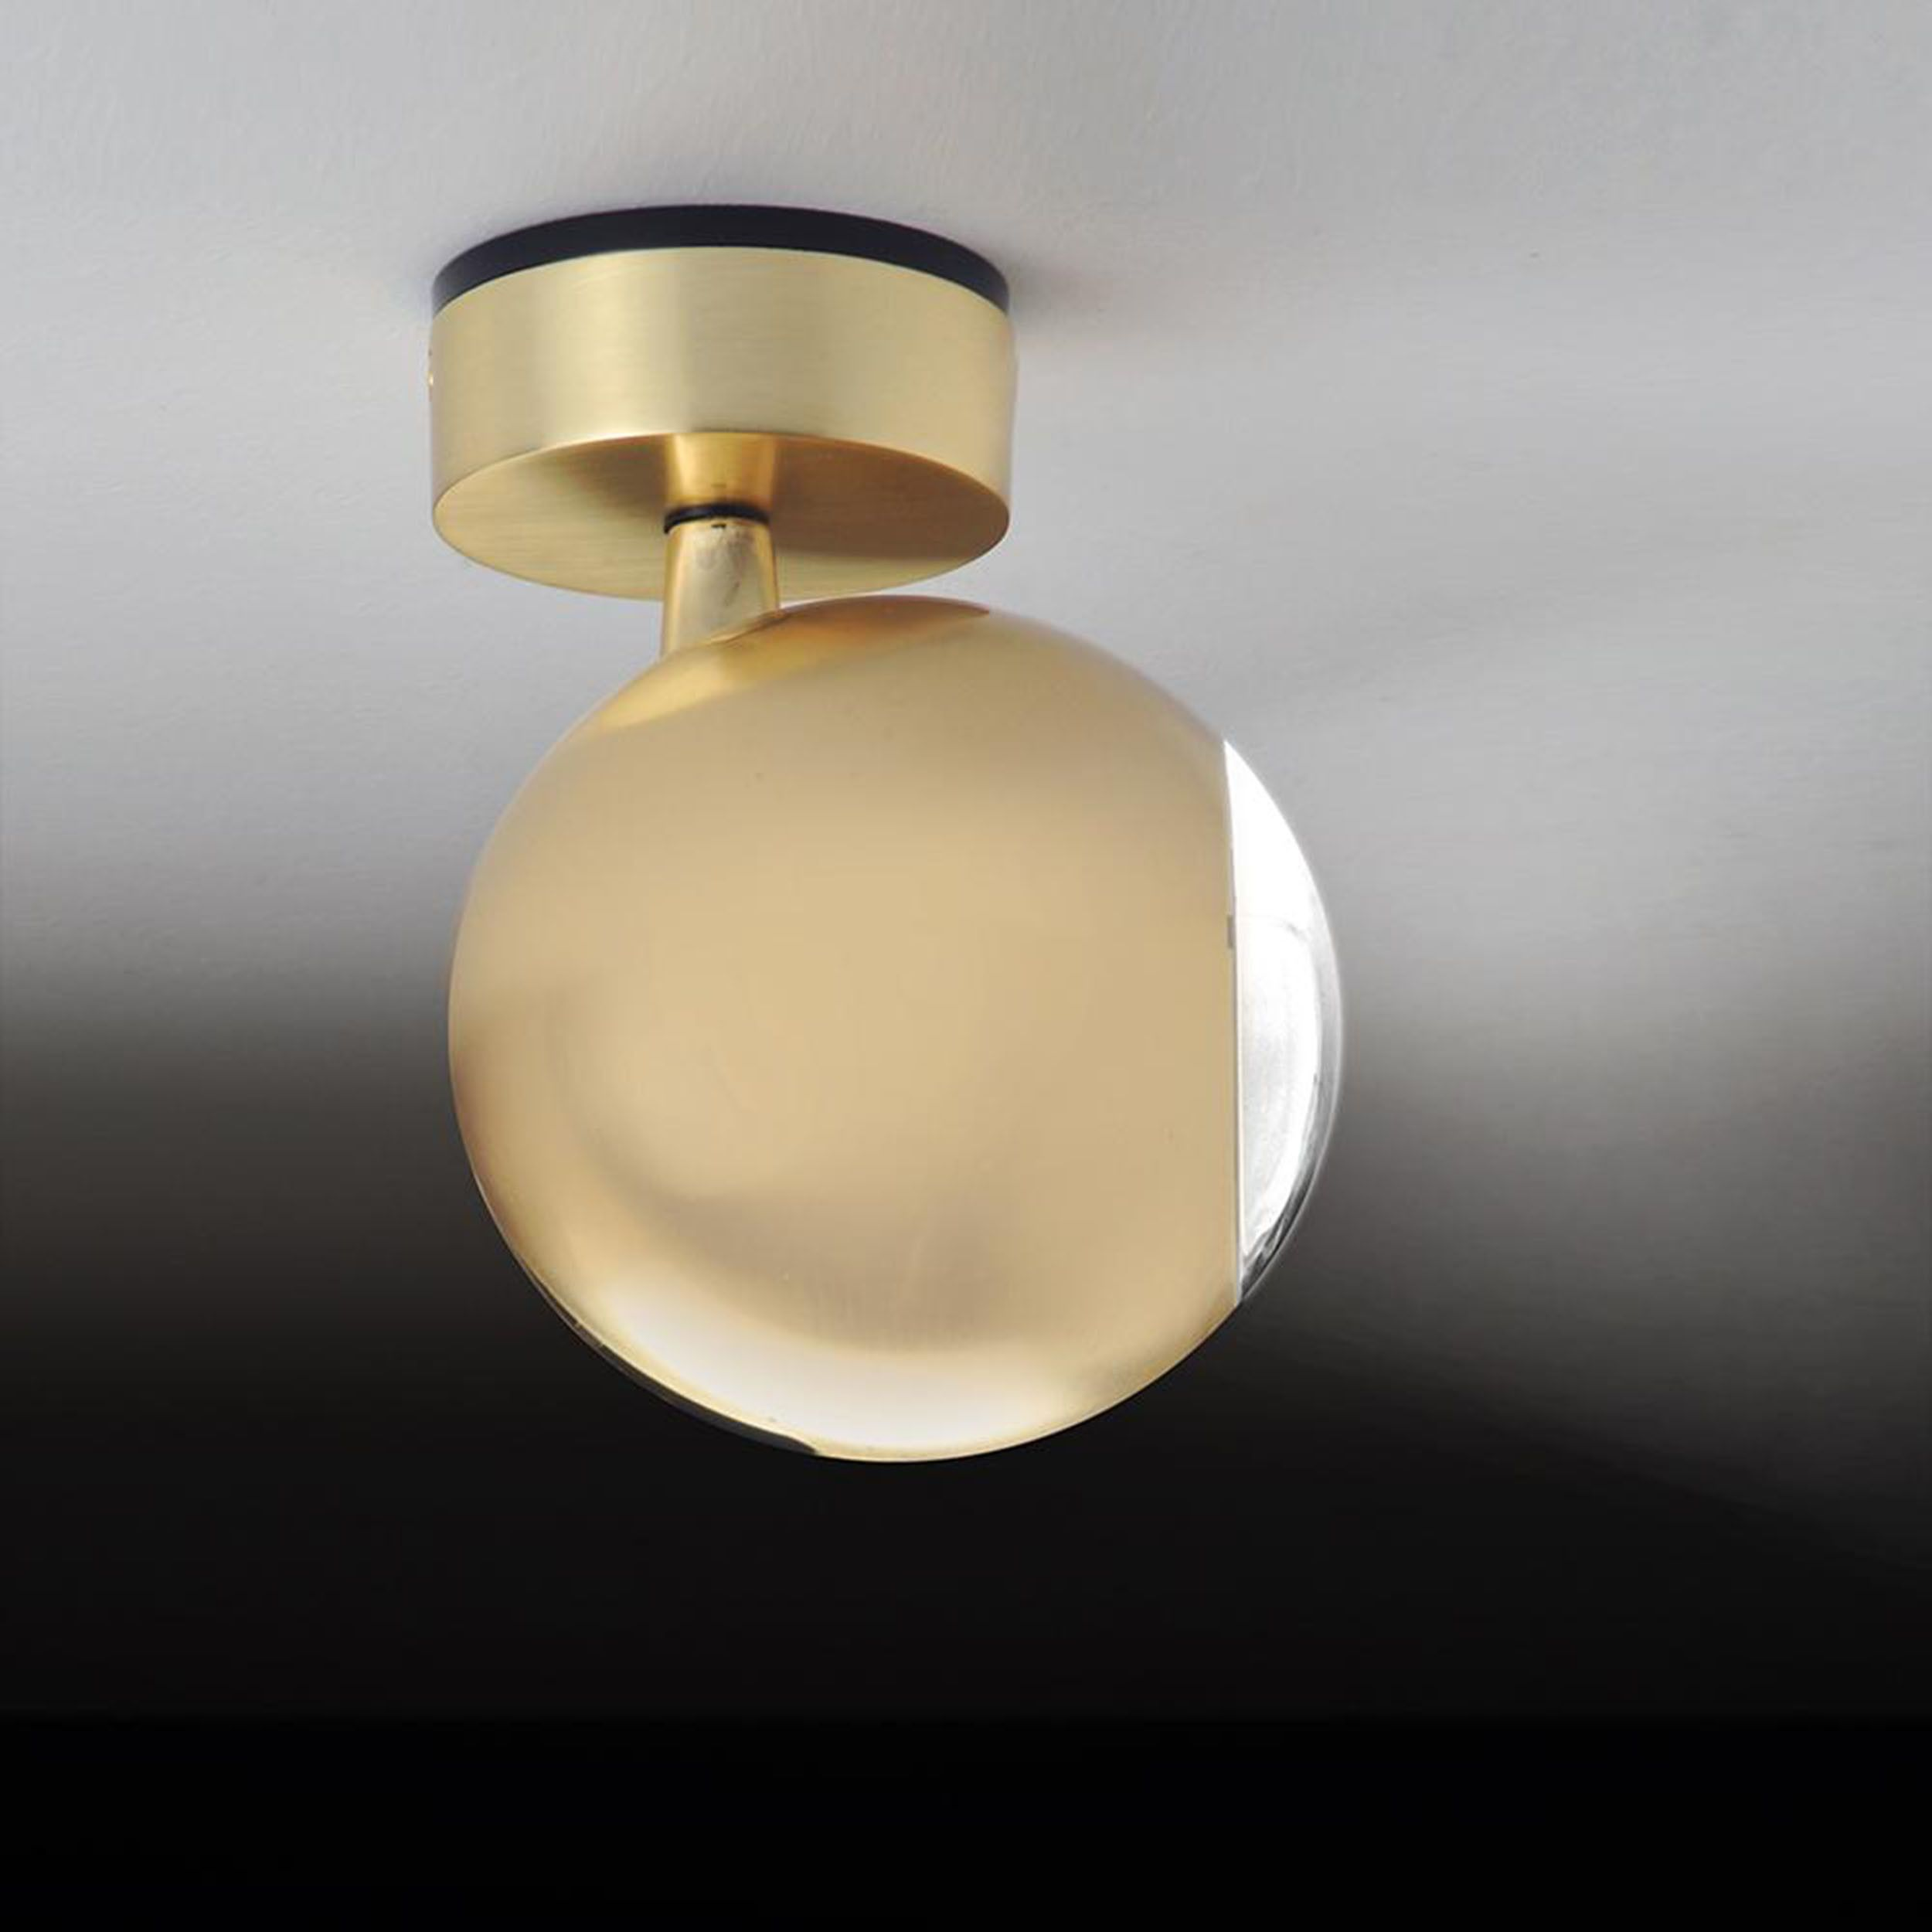 Bola LED Wand- und Deckenstrahler gold - - A052340.003 online kaufen ...